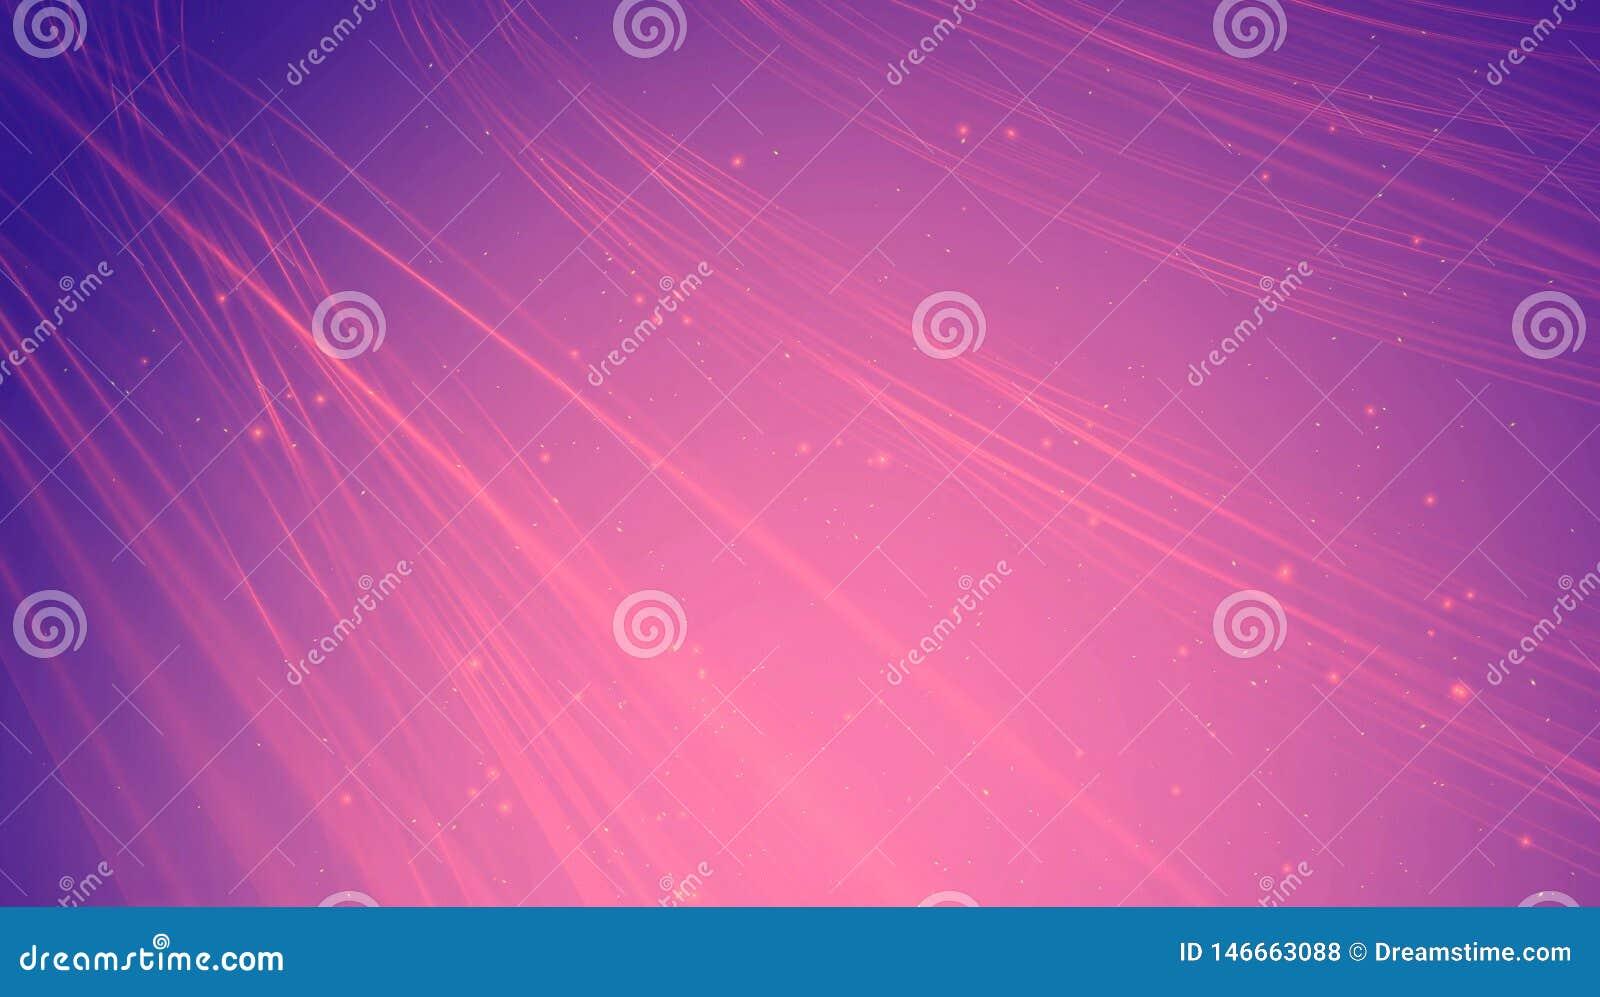 Fundo roxo brilhante da energia do sumário